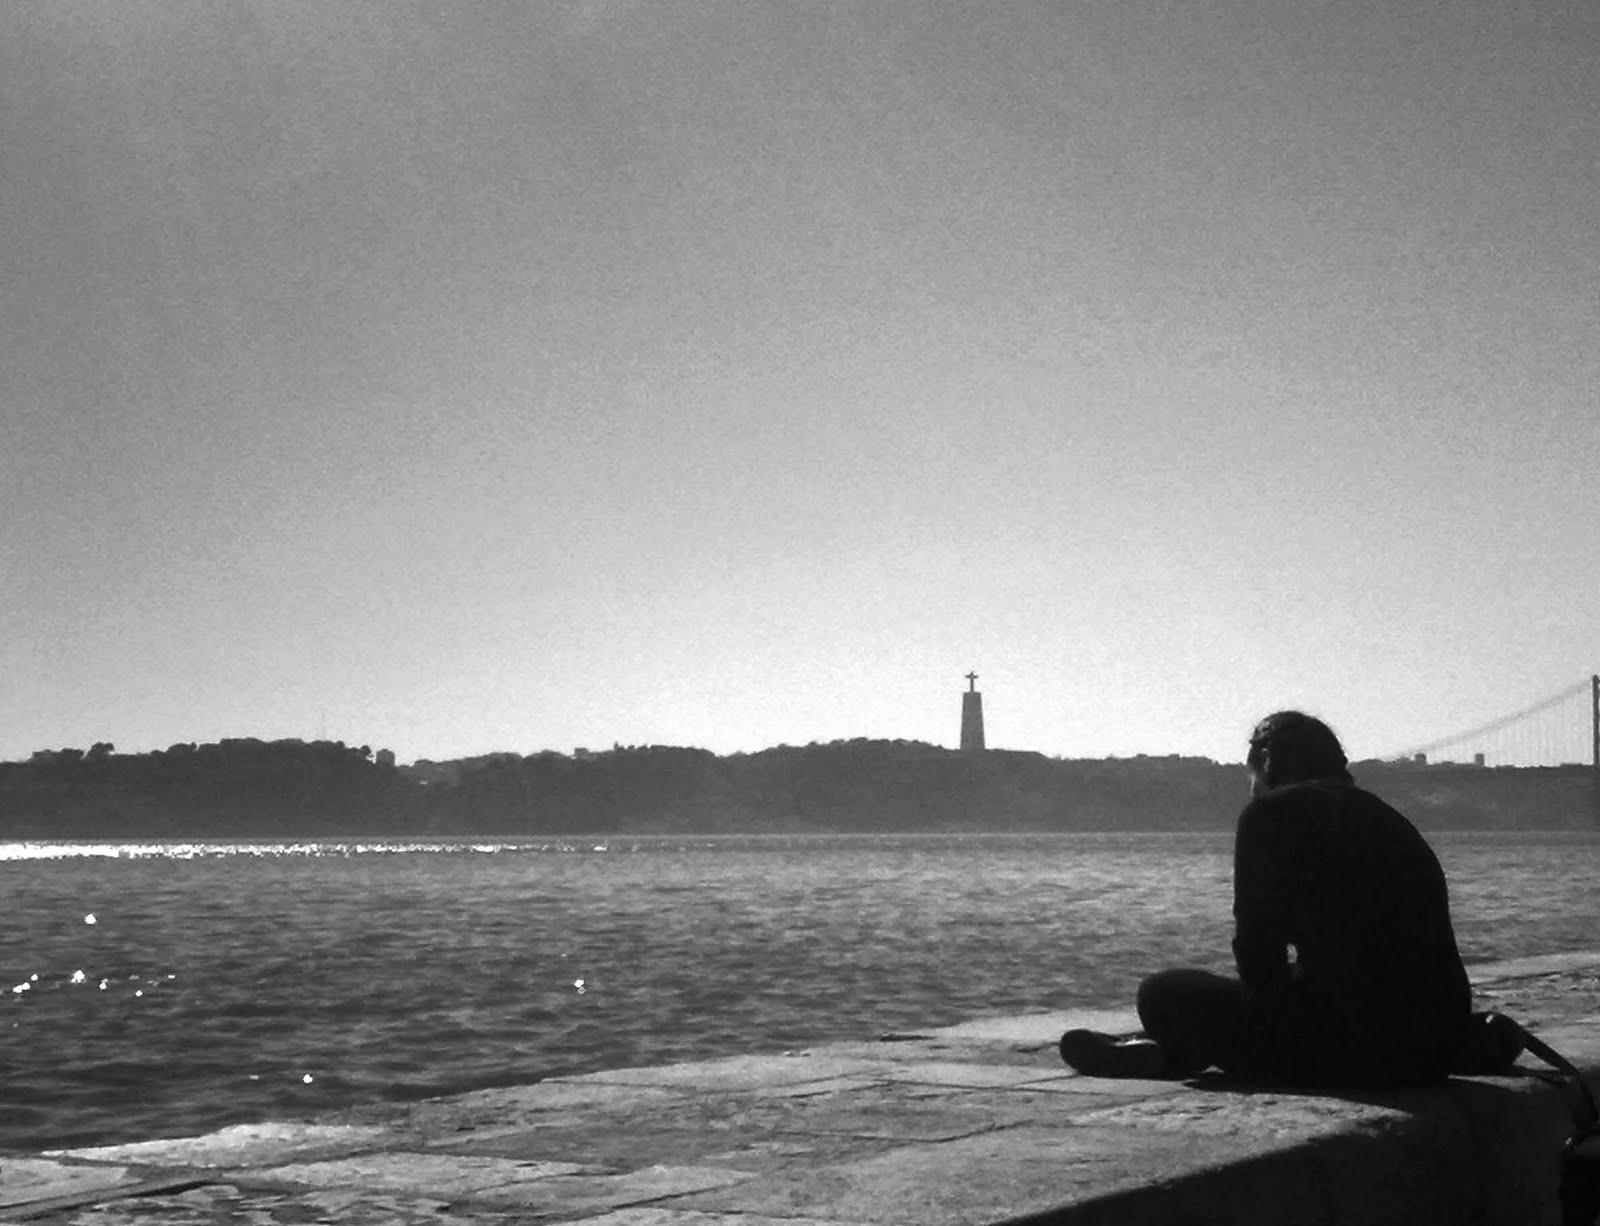 Quem nunca sentiu solidão?